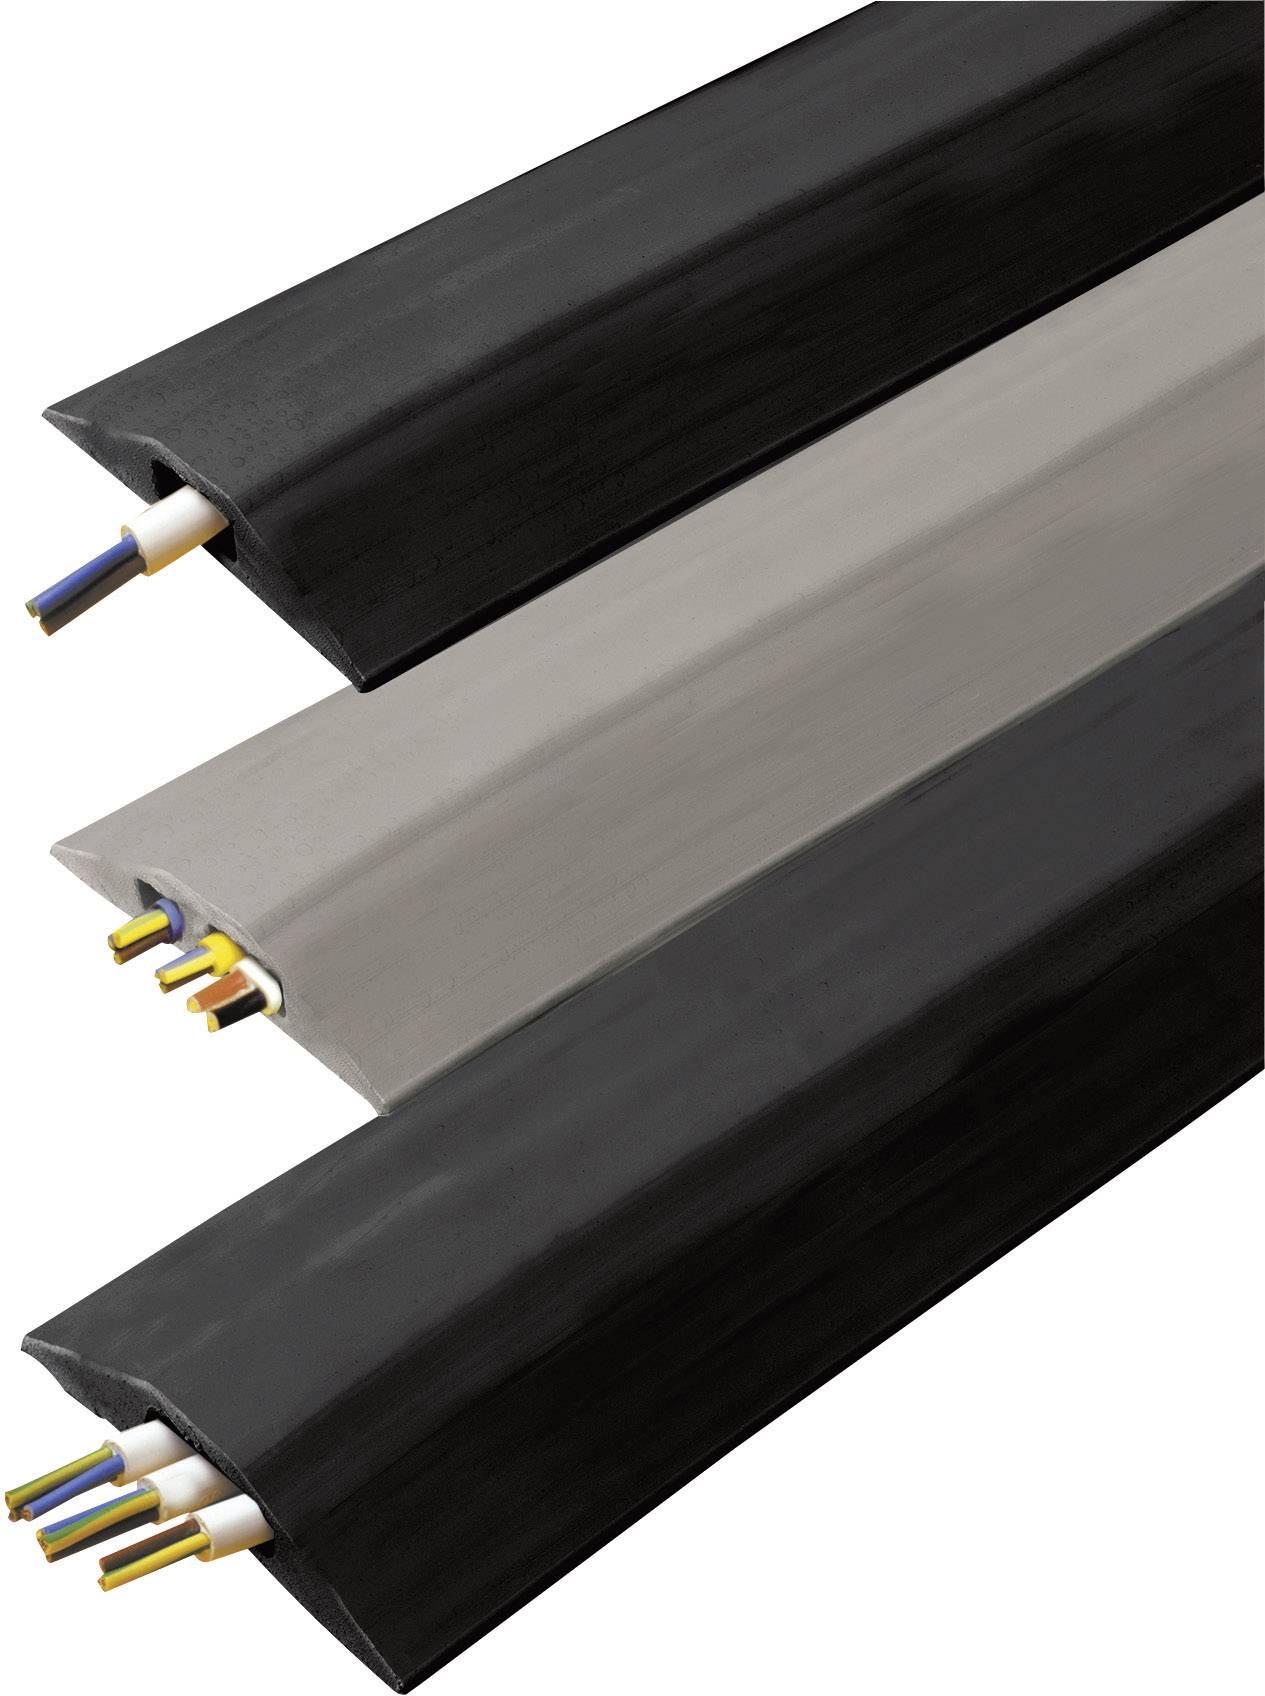 Káblový mostík Vulcascot VUS-001 VUS-001, (d x š x v) 3000 x 68 x 11 mm, čierna, 1 ks